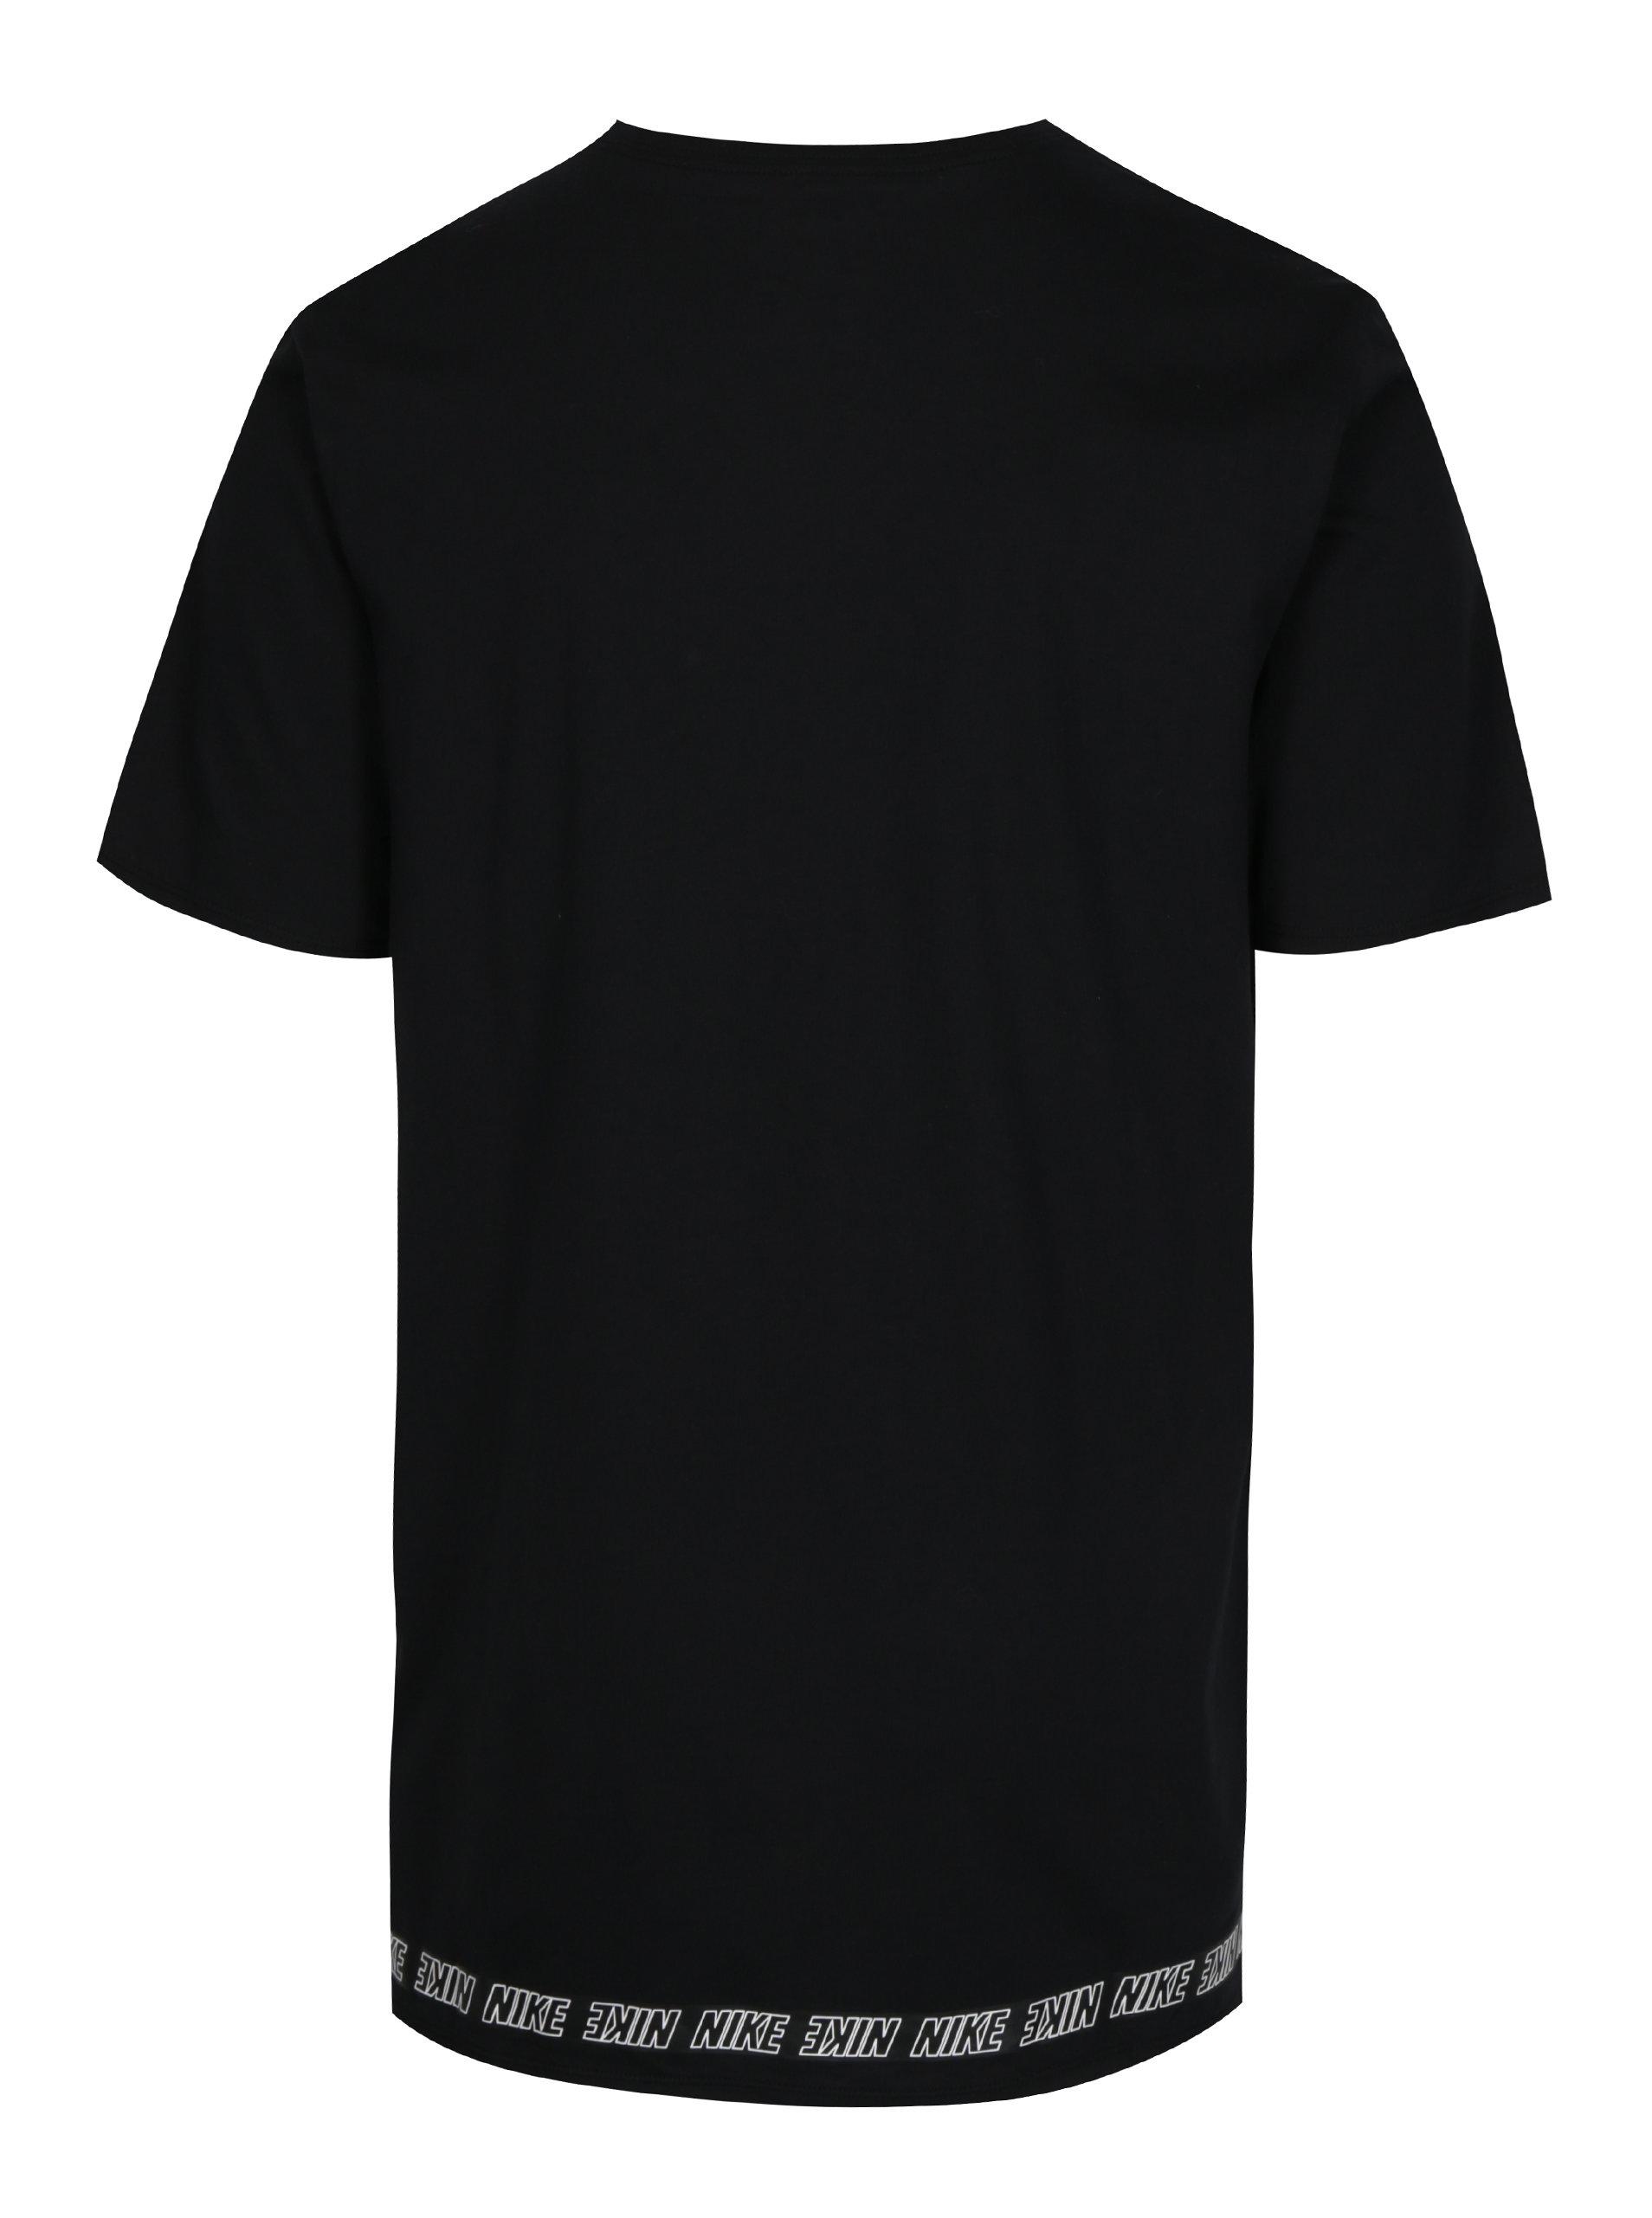 a3c5d0664446 Čierne pánske dlhé tričko s potlačou Nike ...